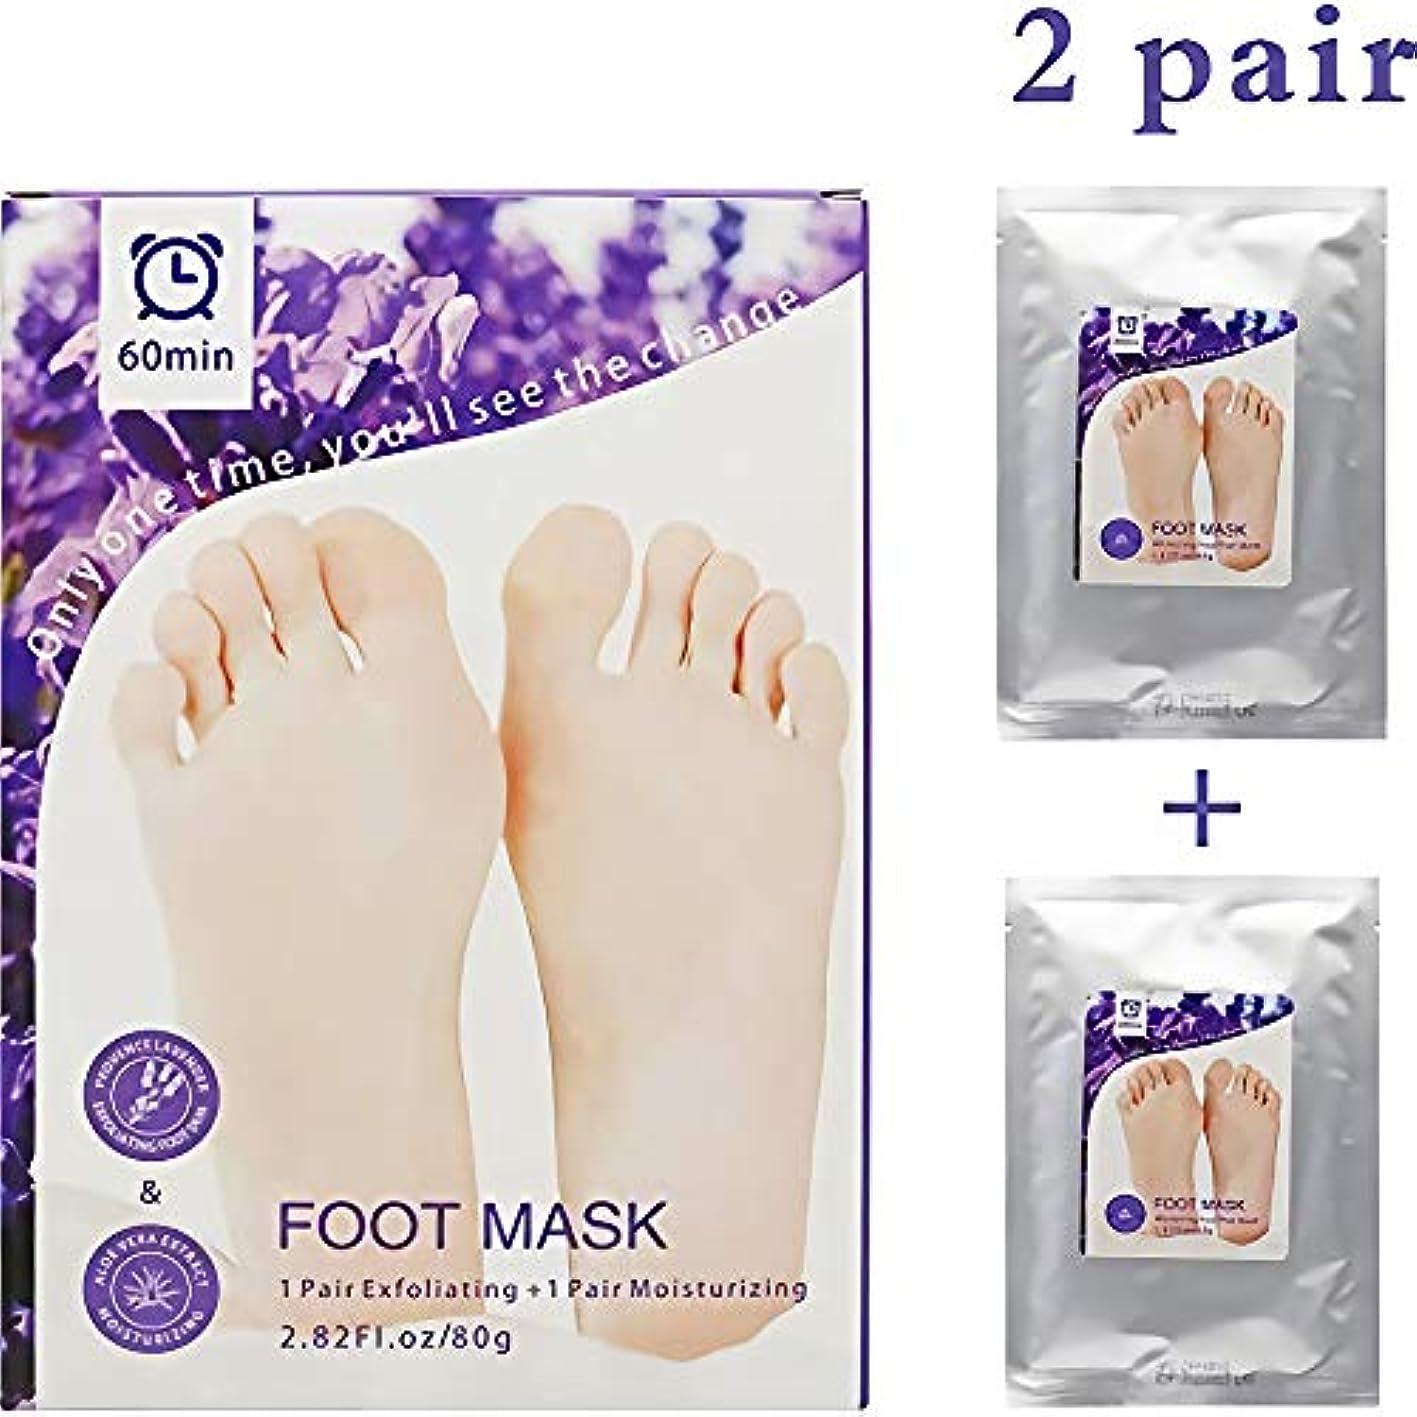 発火する降下ナビゲーション男性と女性のための適切なフットピーリングマスク2ペア、エクスフォリエイティング保湿マスクフット、滑らかに適した古い皮膚を削除する靴底の柔らかさ、